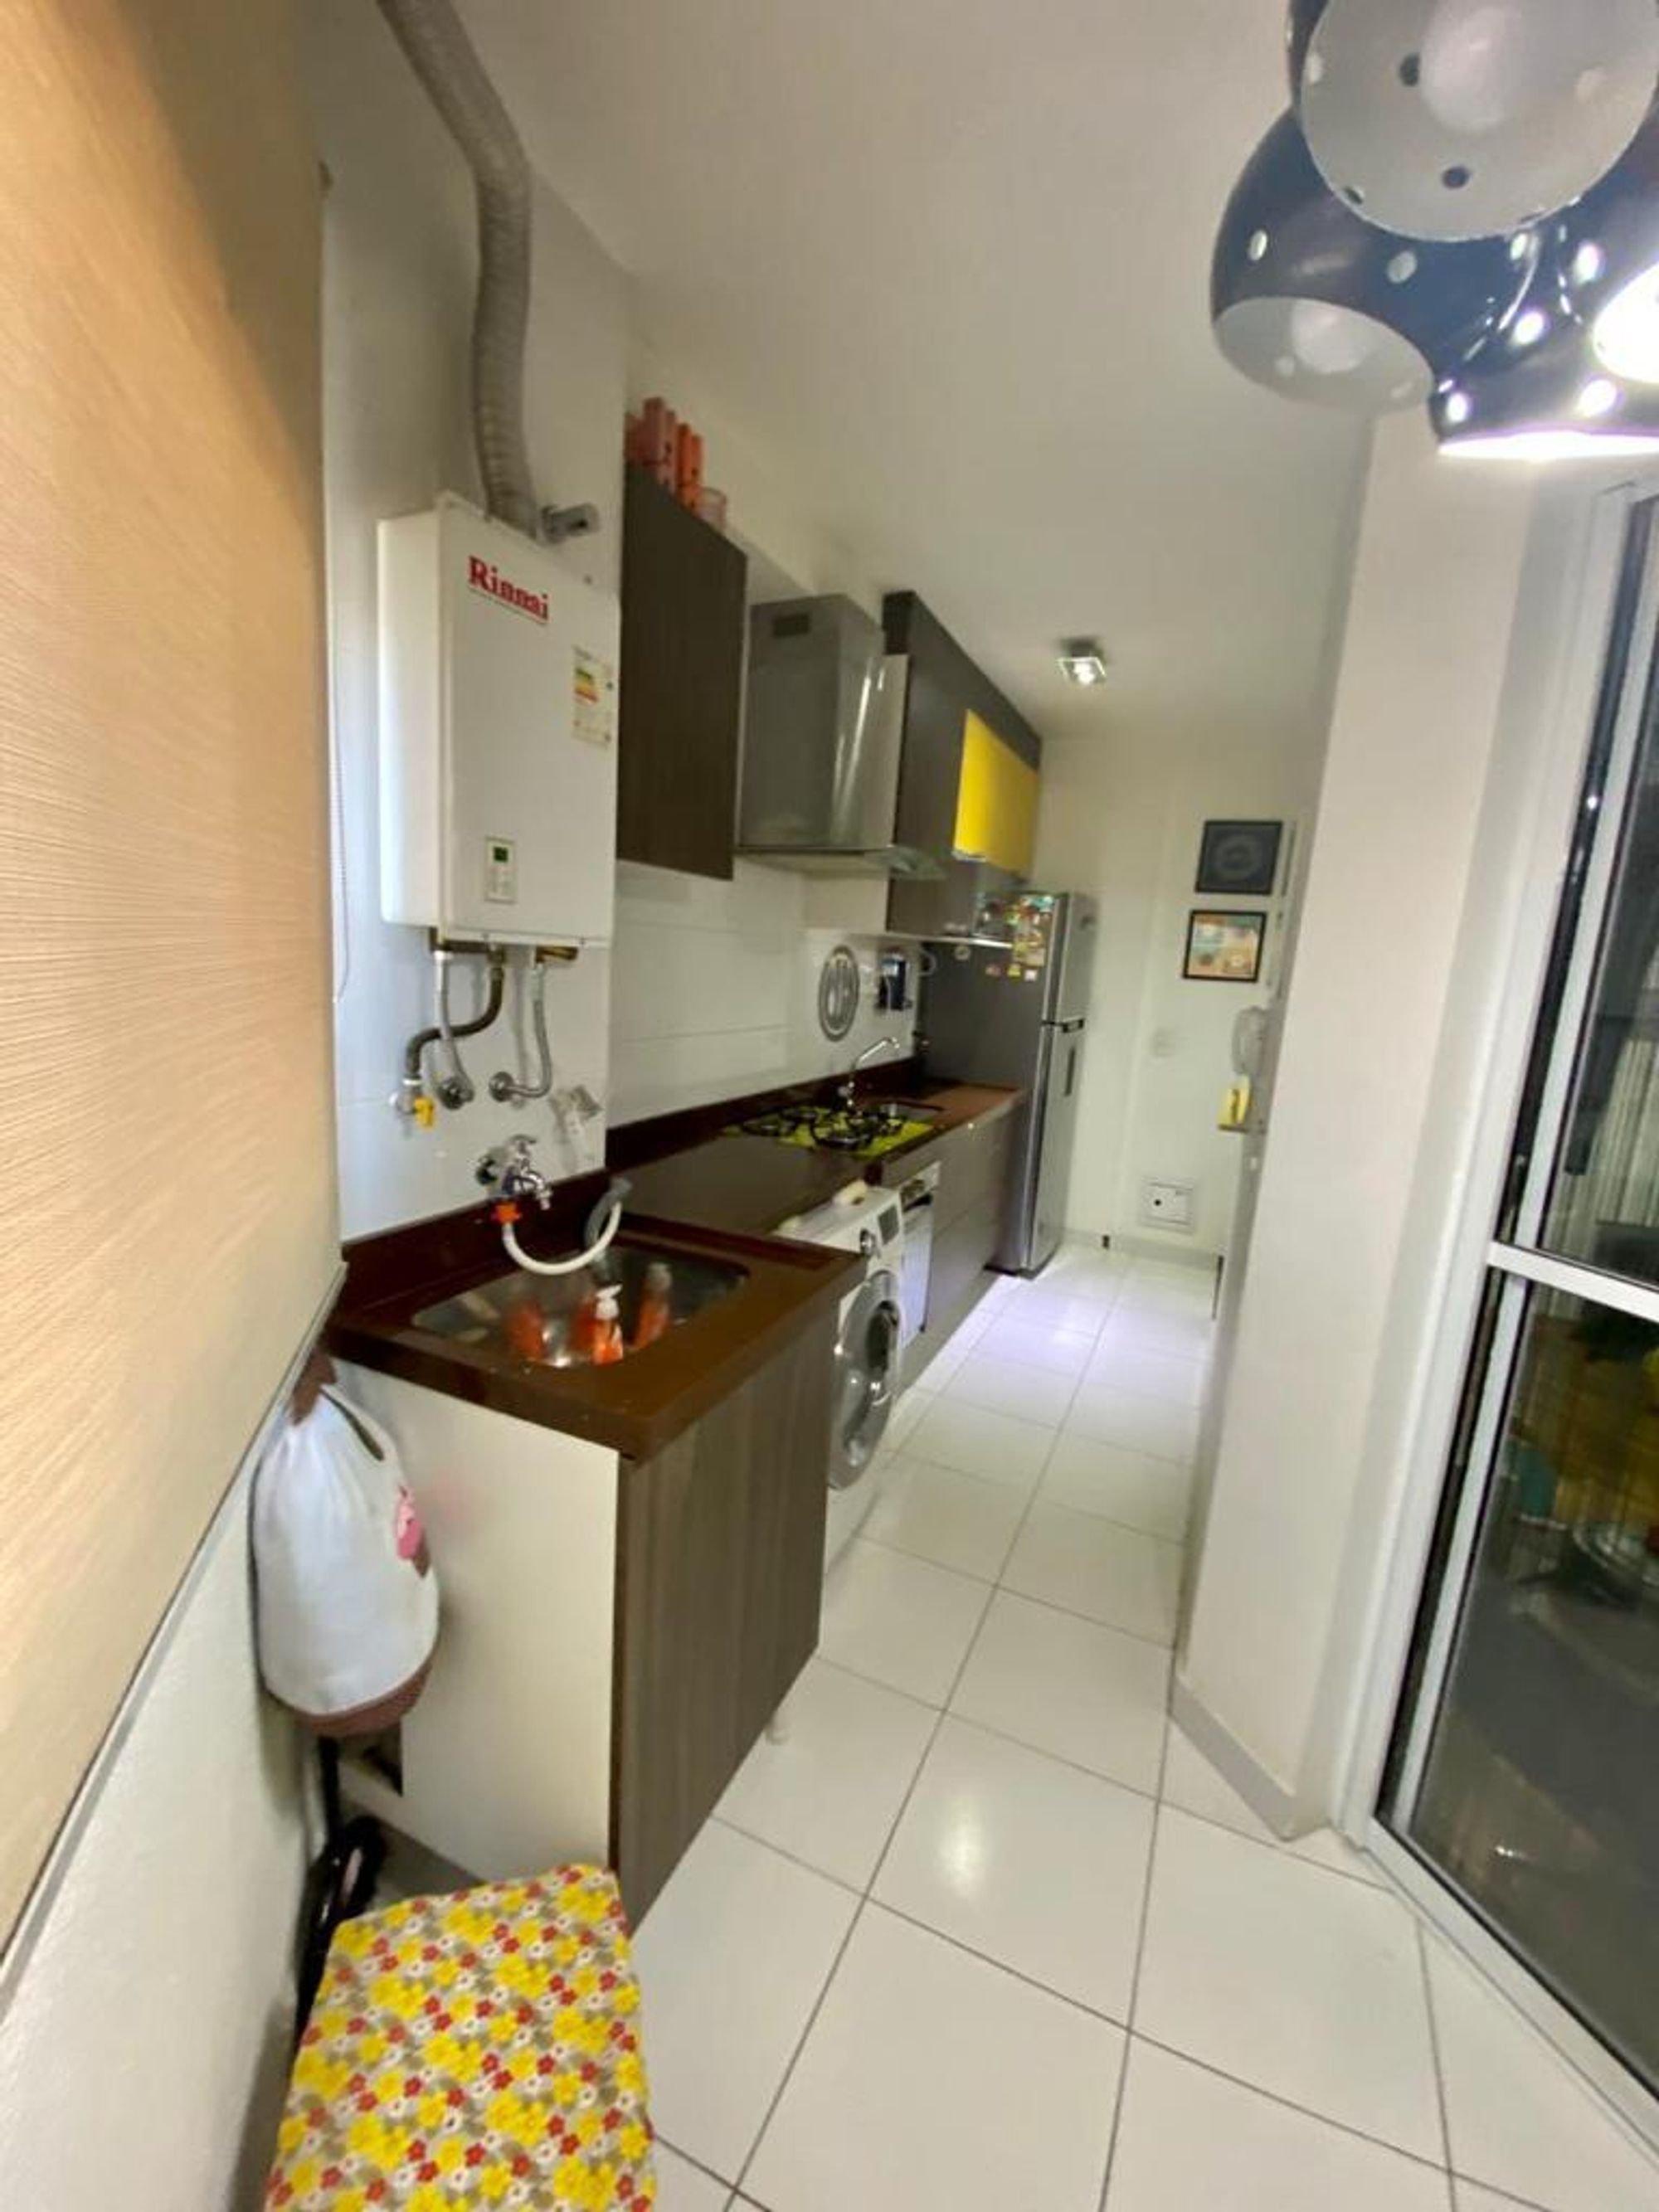 Foto de Cozinha com televisão, forno, geladeira, microondas